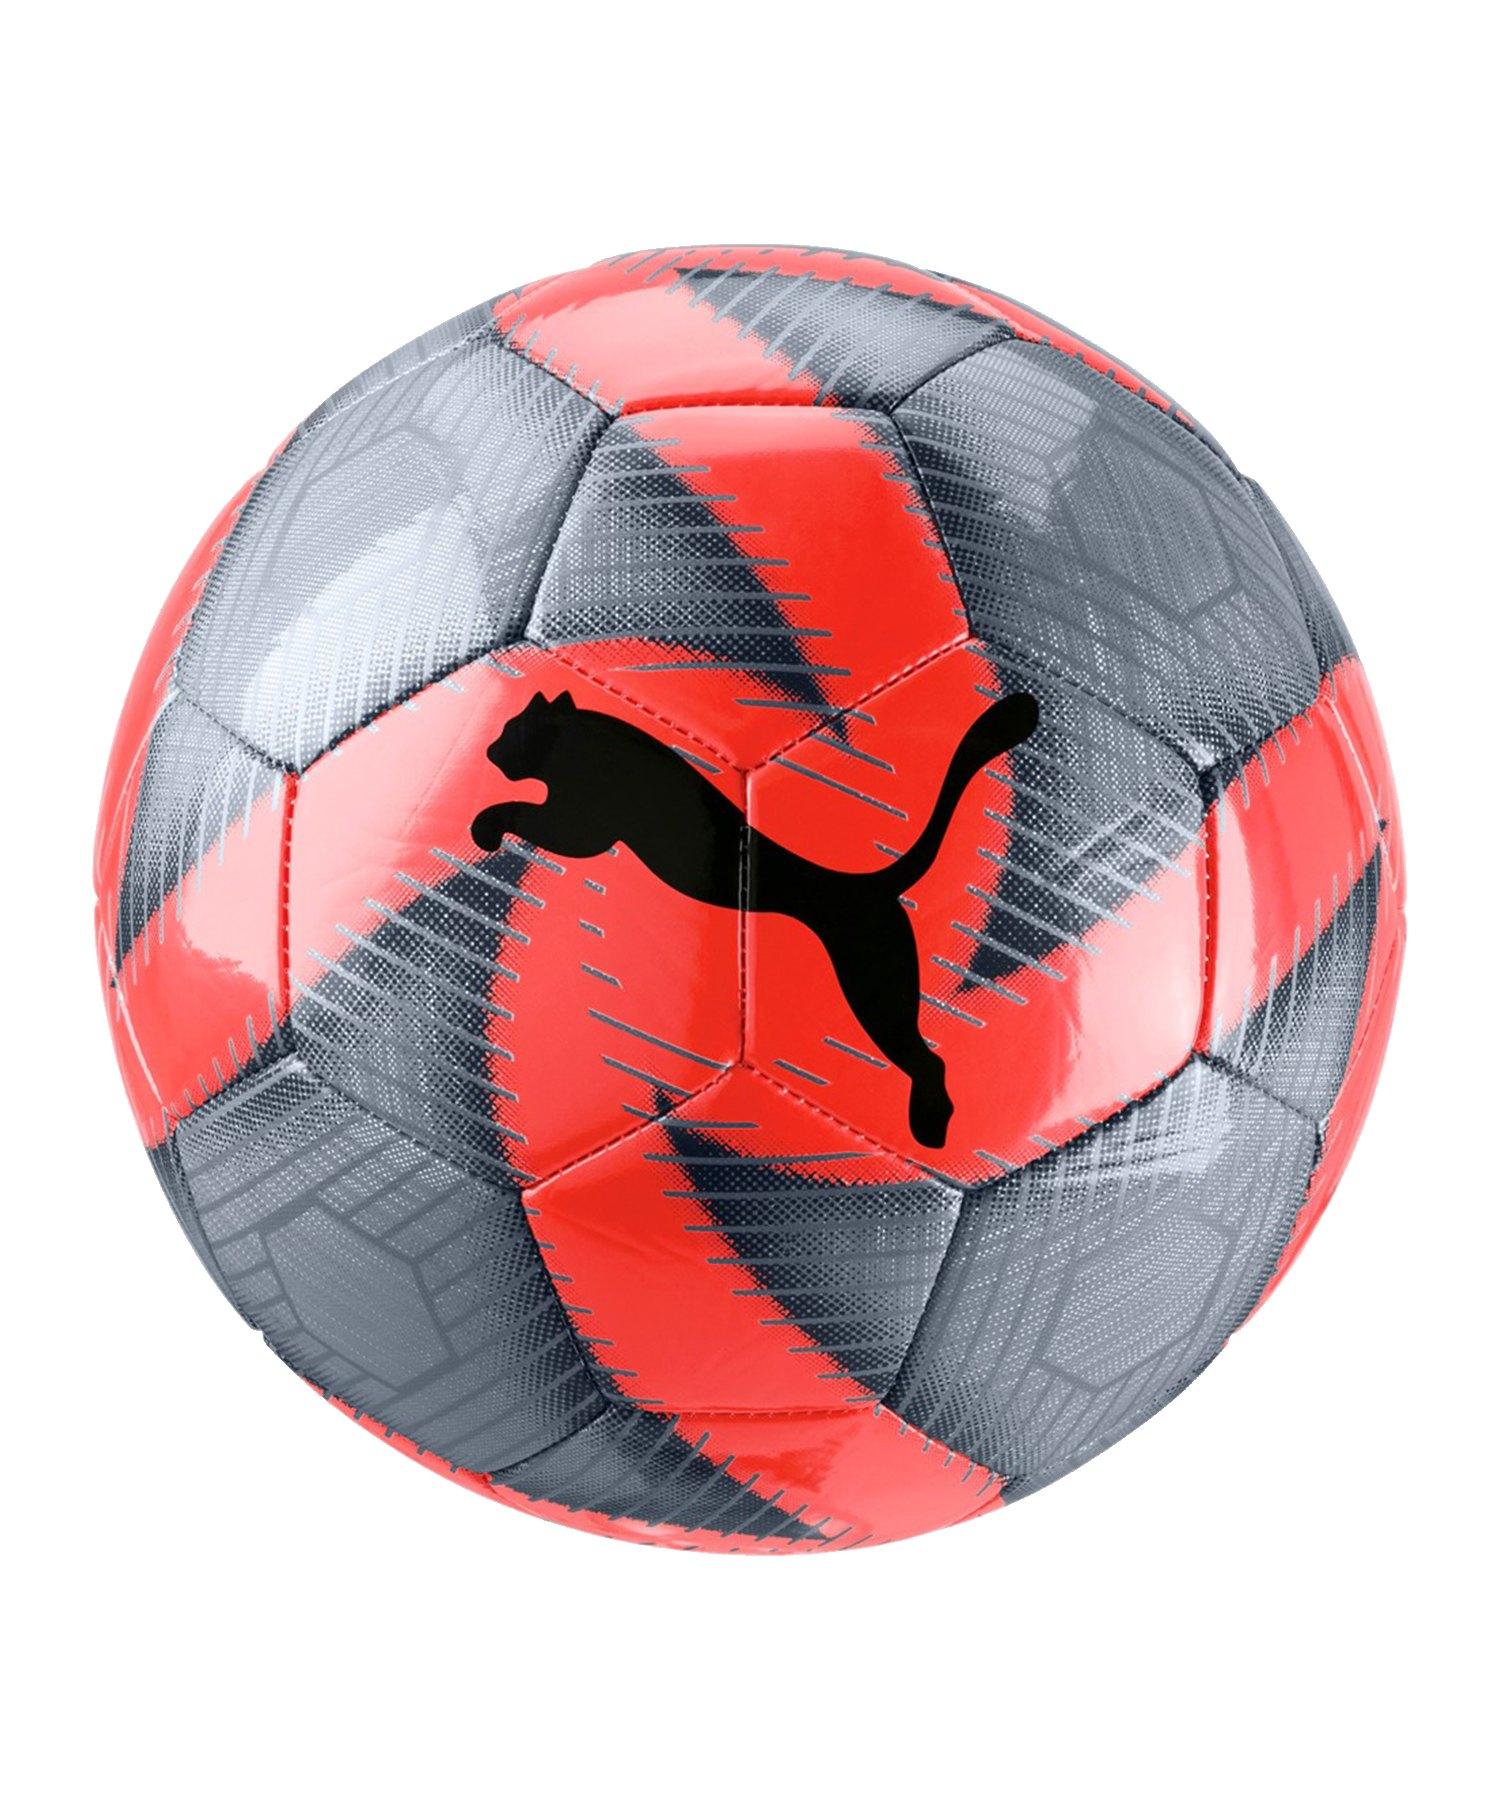 PUMA FUTURE Flare Trainingsball Grau Rot F01 - Grau